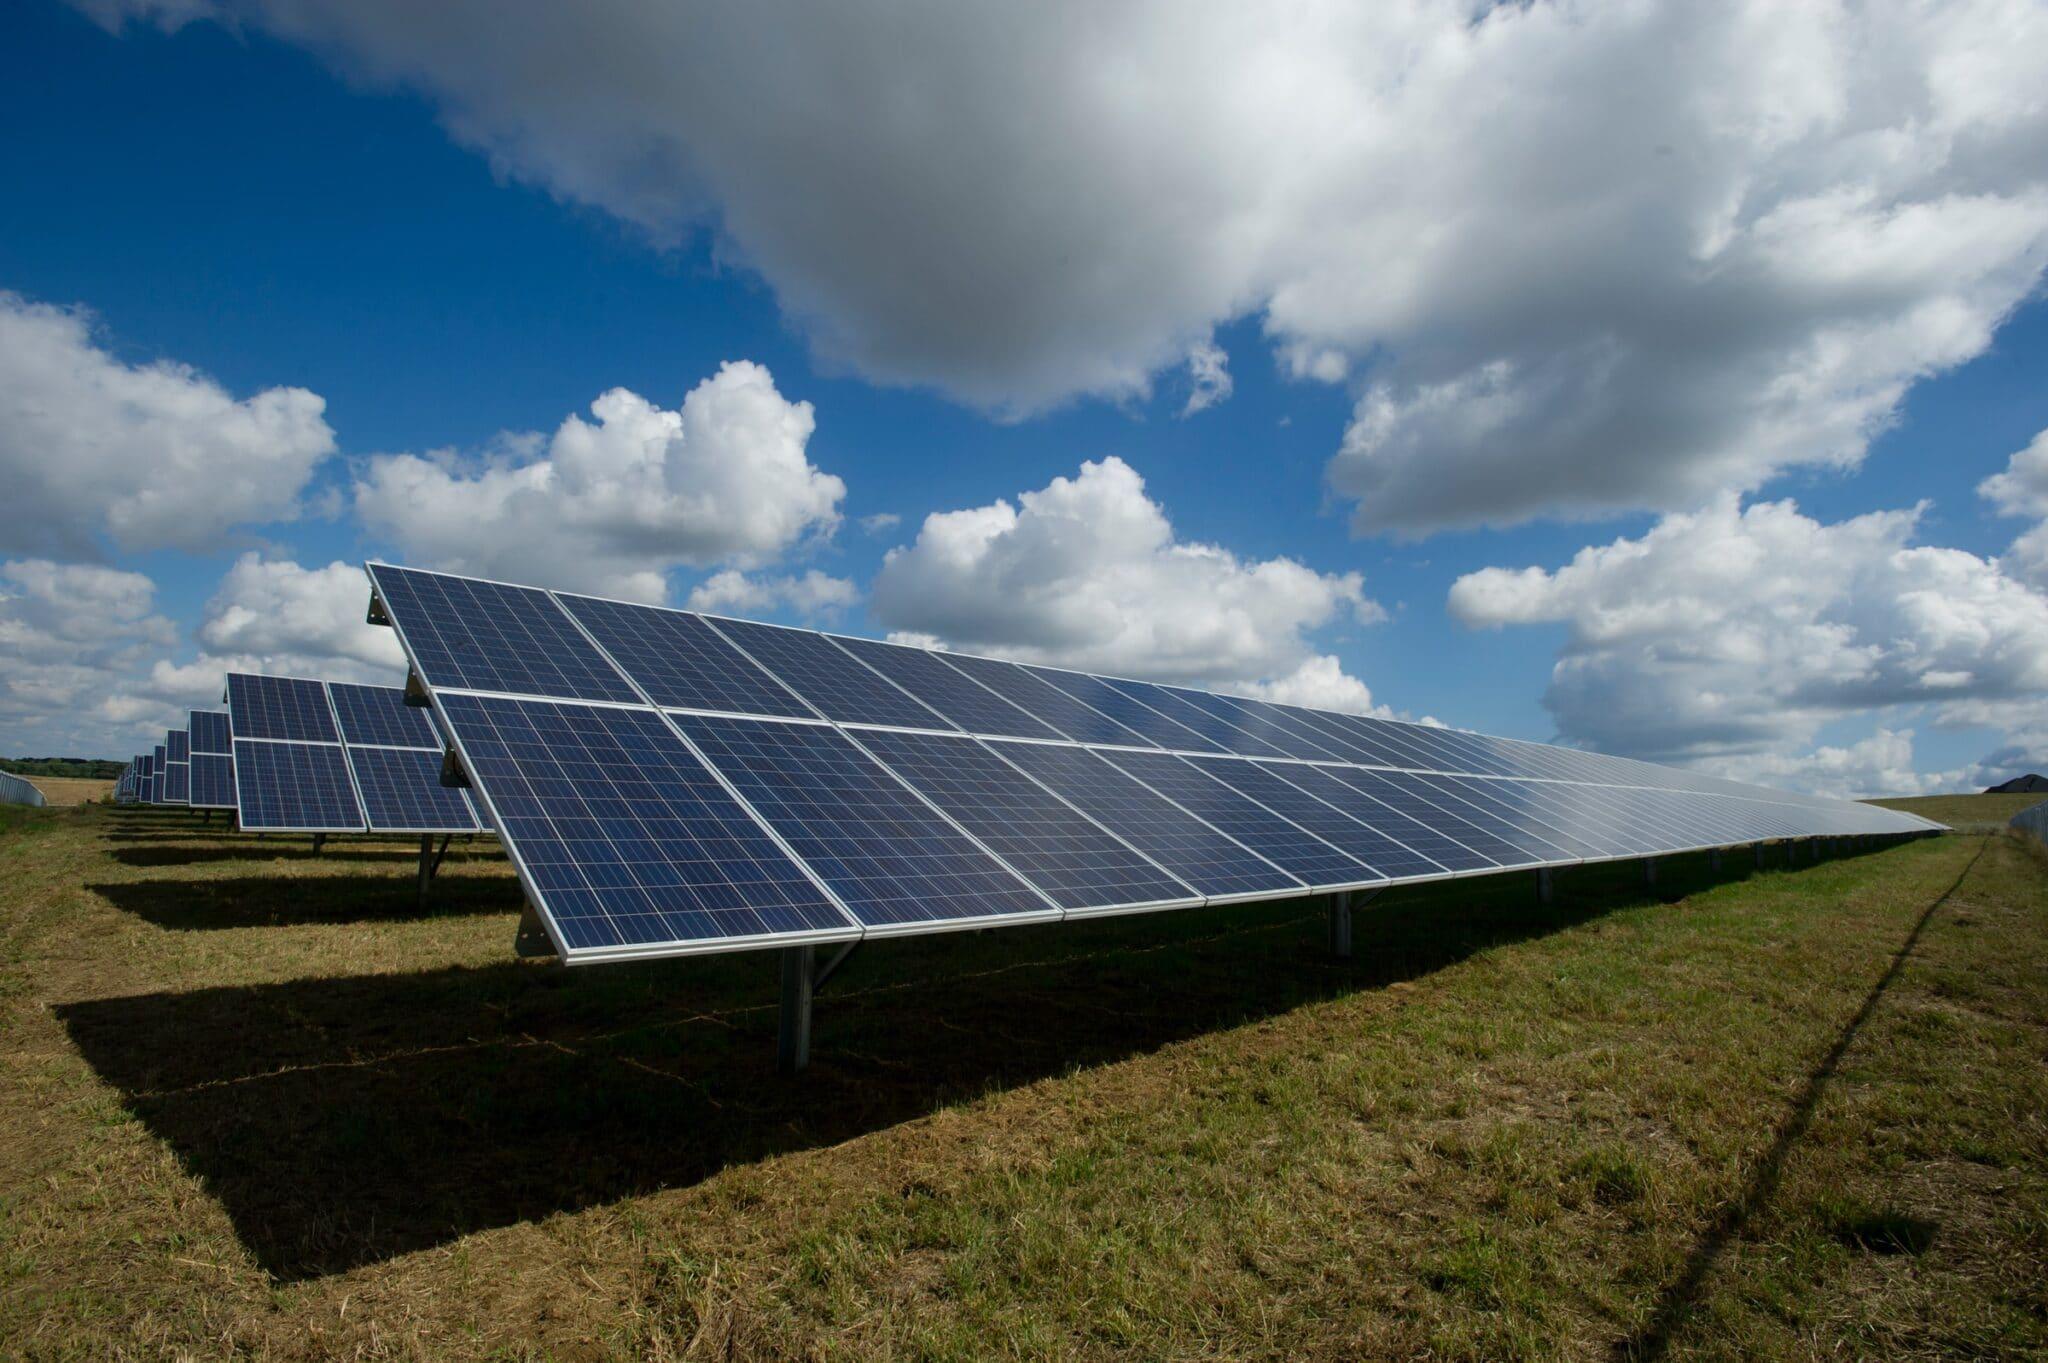 fotovoltaico, spagna, enel green power, progetto, energia, sole, rinnovabili, elettricità, consumo, domanda, industria, economia, sostenibilità, decarbonizzazione, inquinamento, emissioni, Energy Close-up Engineering